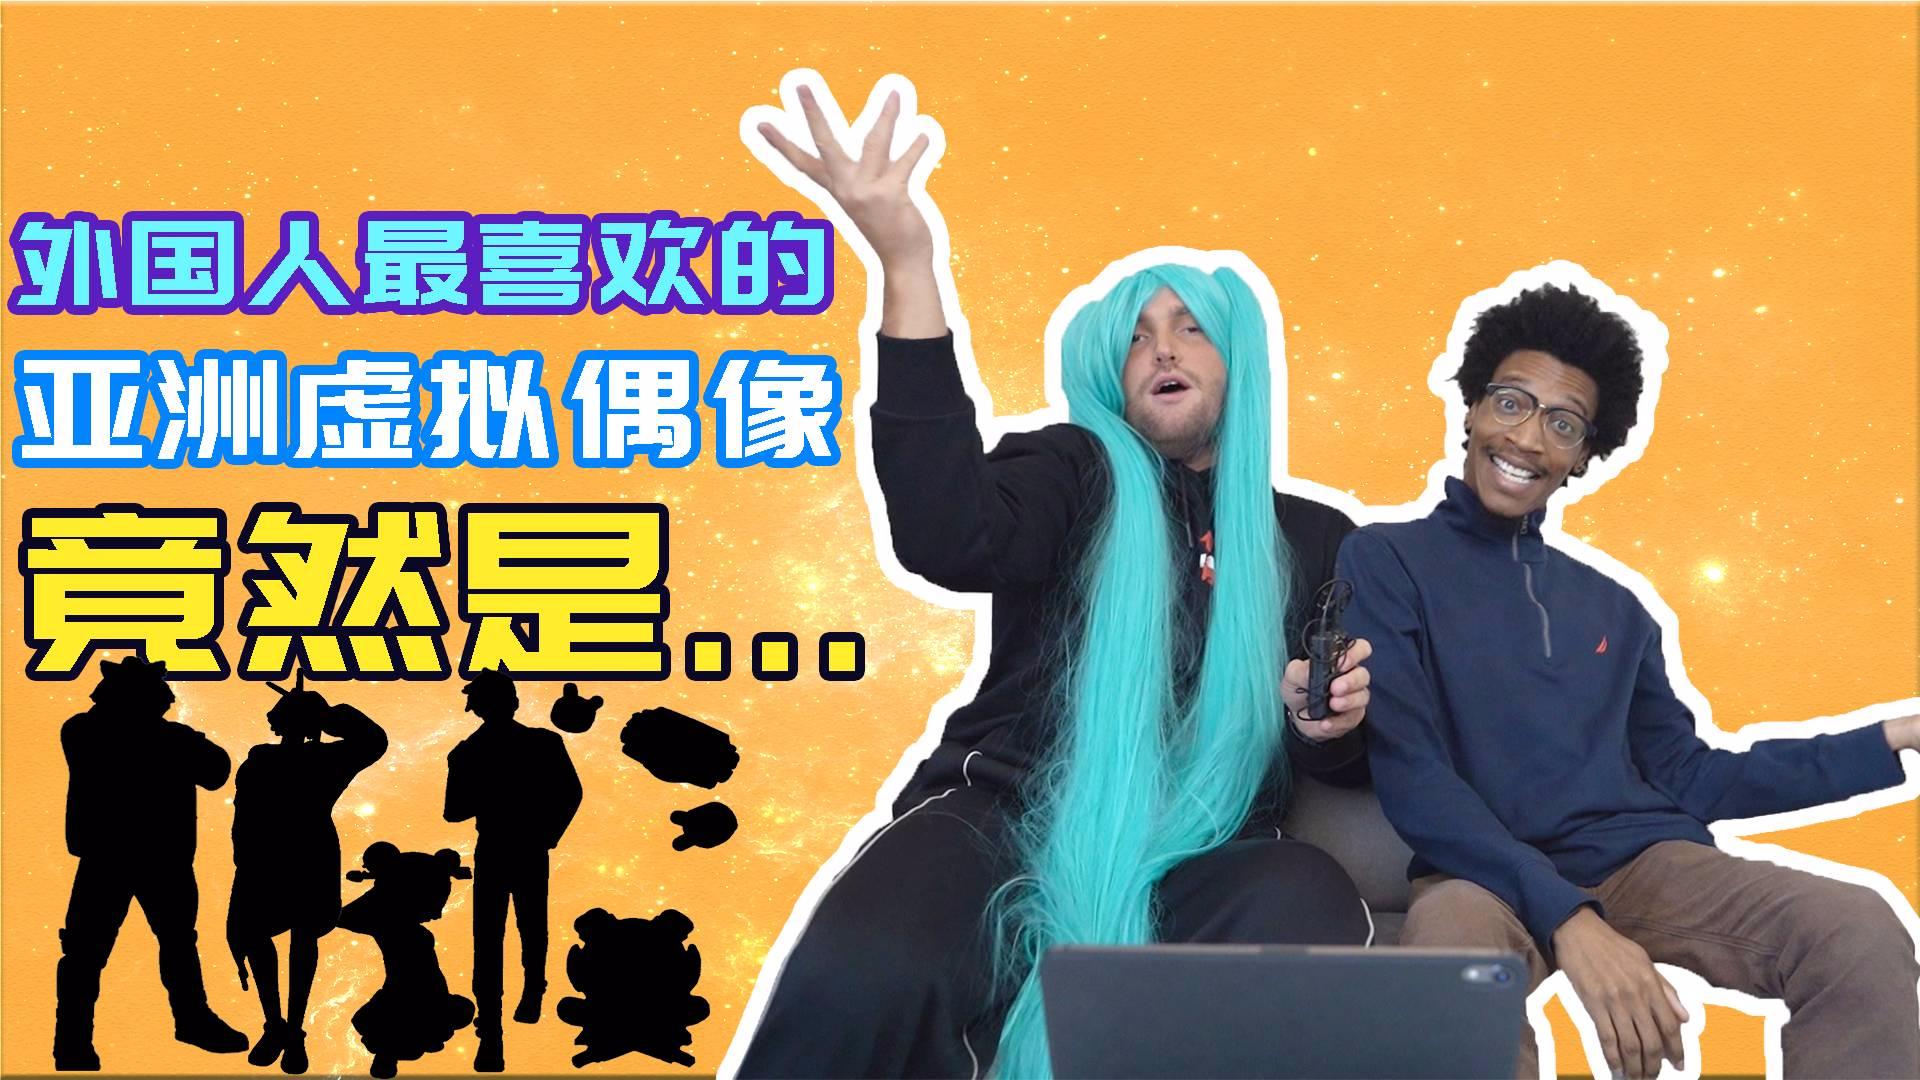 外国人最喜欢的亚洲虚拟偶像,竟然不是初音未来!